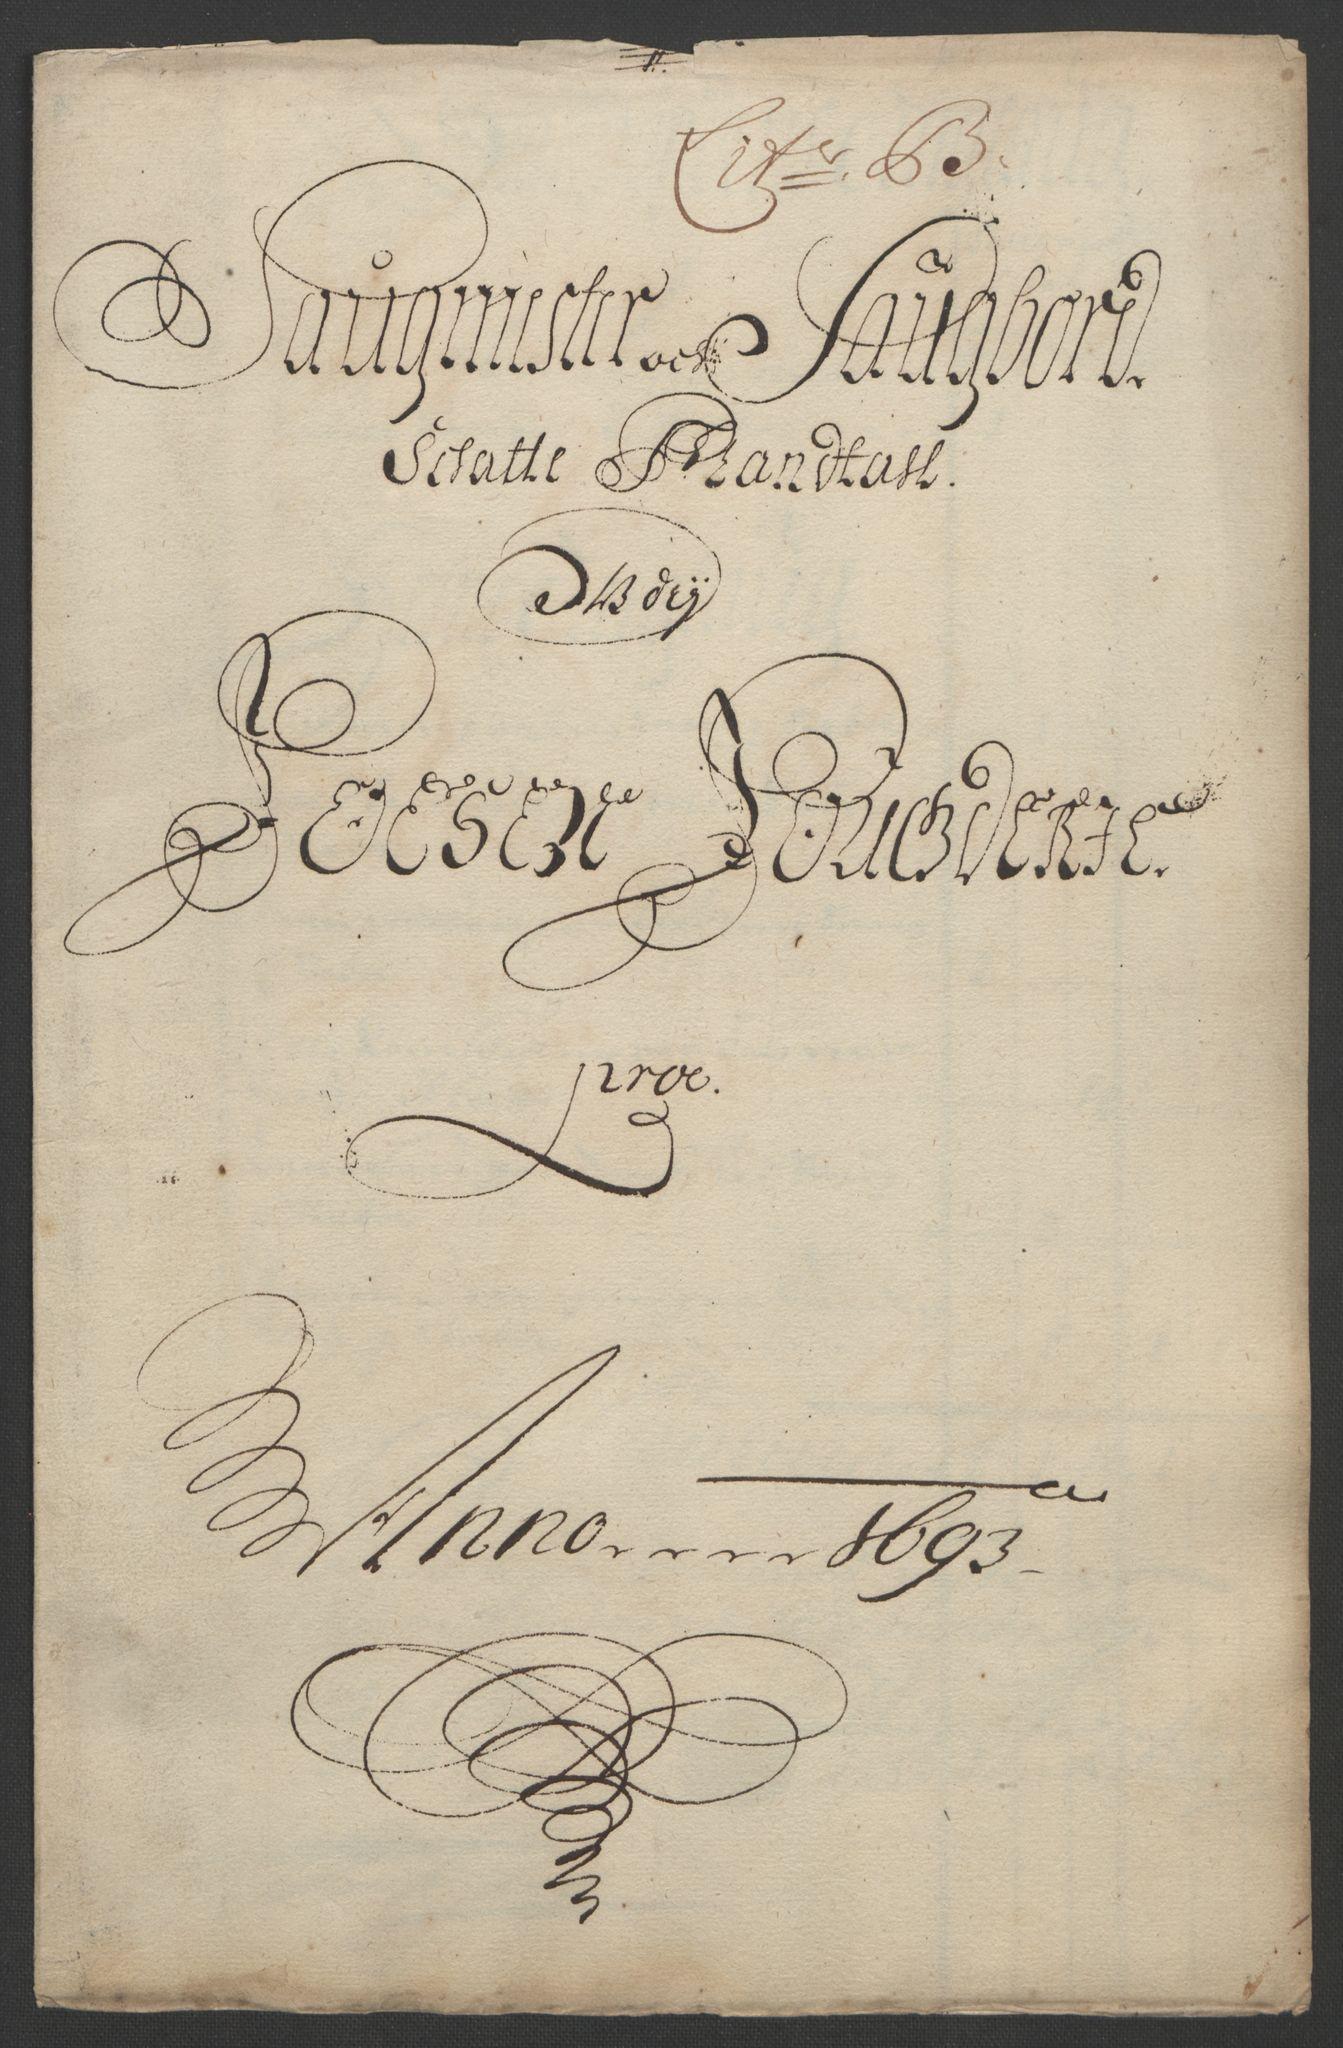 RA, Rentekammeret inntil 1814, Reviderte regnskaper, Fogderegnskap, R57/L3849: Fogderegnskap Fosen, 1692-1693, s. 438